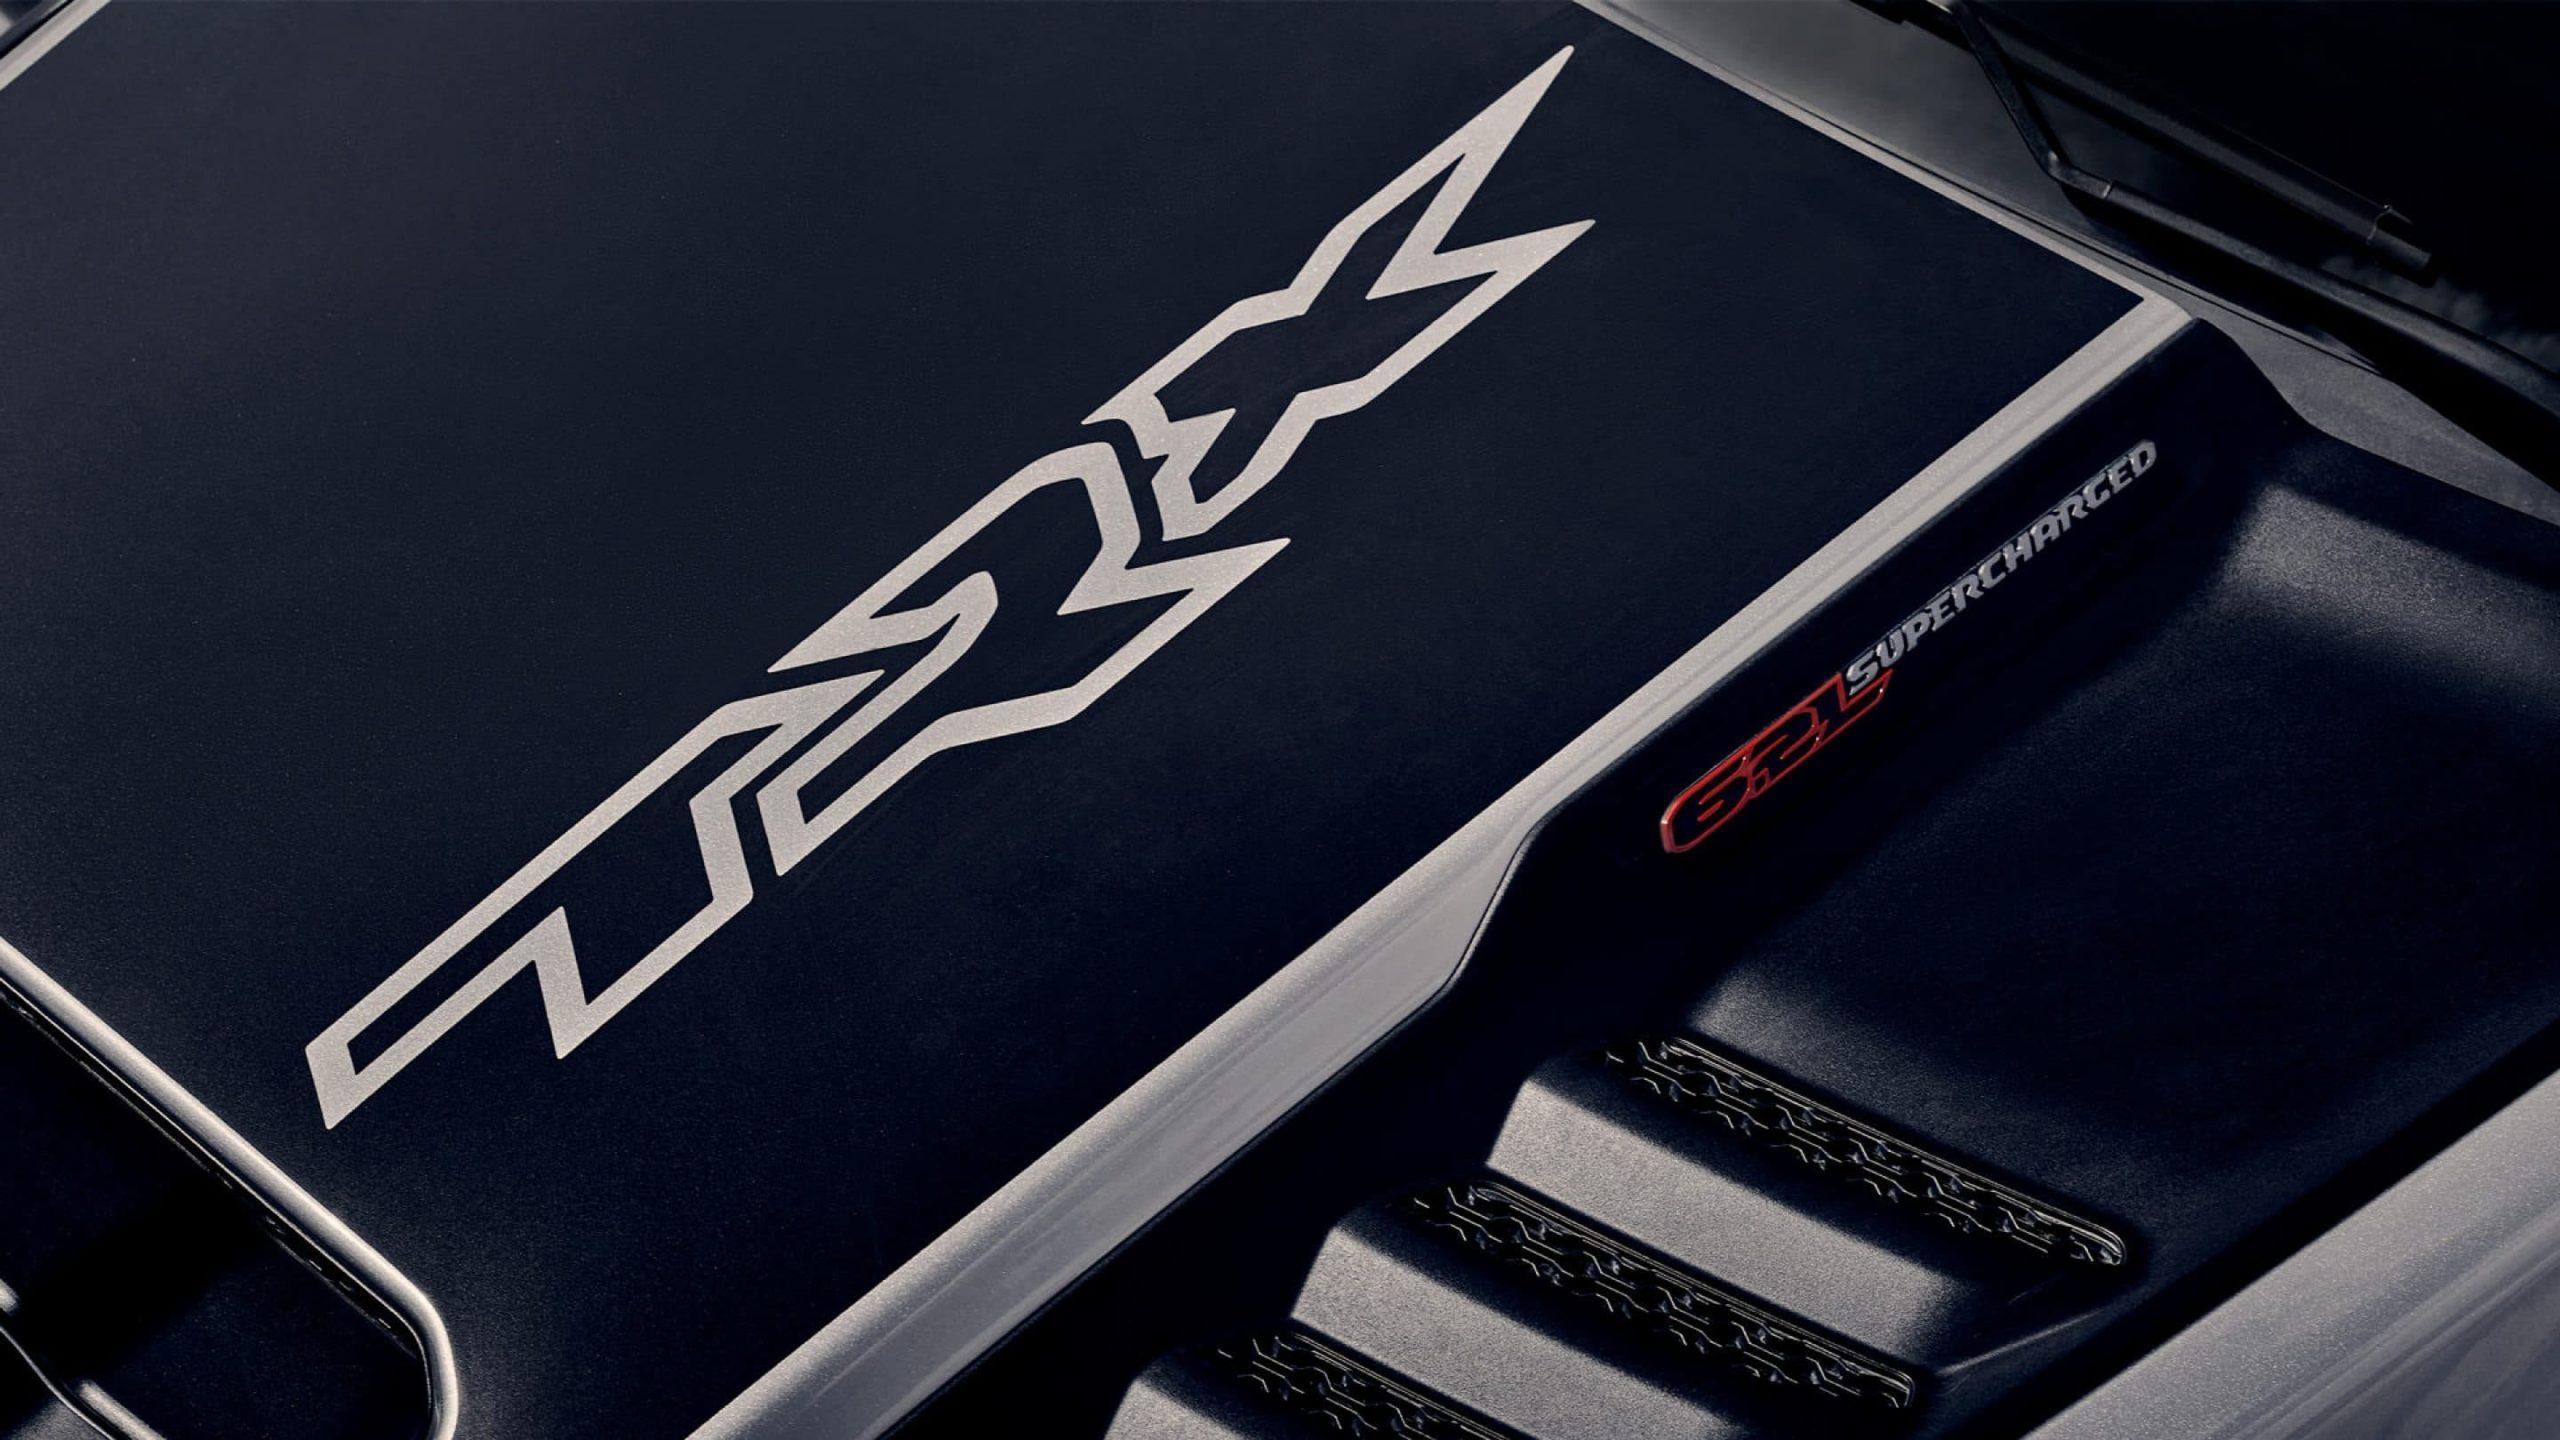 Das bereits auffällige Erscheinungsbild dieses Trucks wird durch die verfügbaren Grafiken auf der Motorhaube und der Box weiter verbessert. TRX ist unverkennbar.